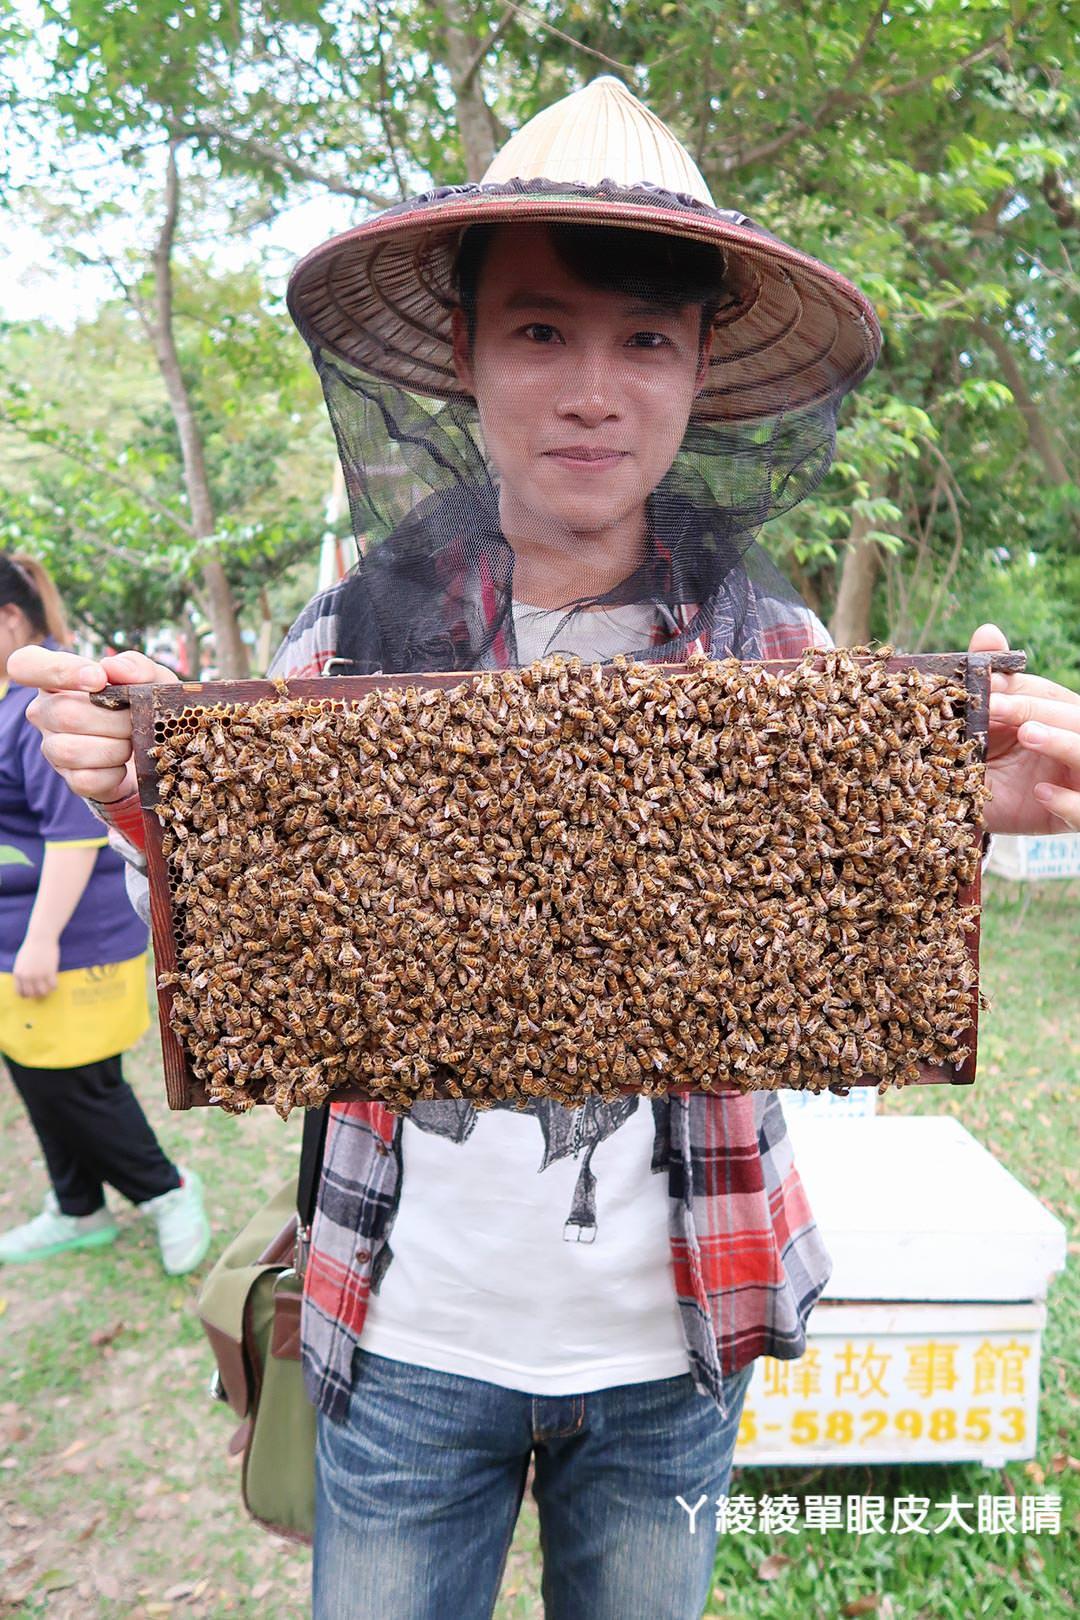 農純鄉魚米之鄉探訪真實之旅|嘉義東石福爾摩沙養殖場、台中后里五崁腳有機田園、雲林古坑蜜蜂故事館